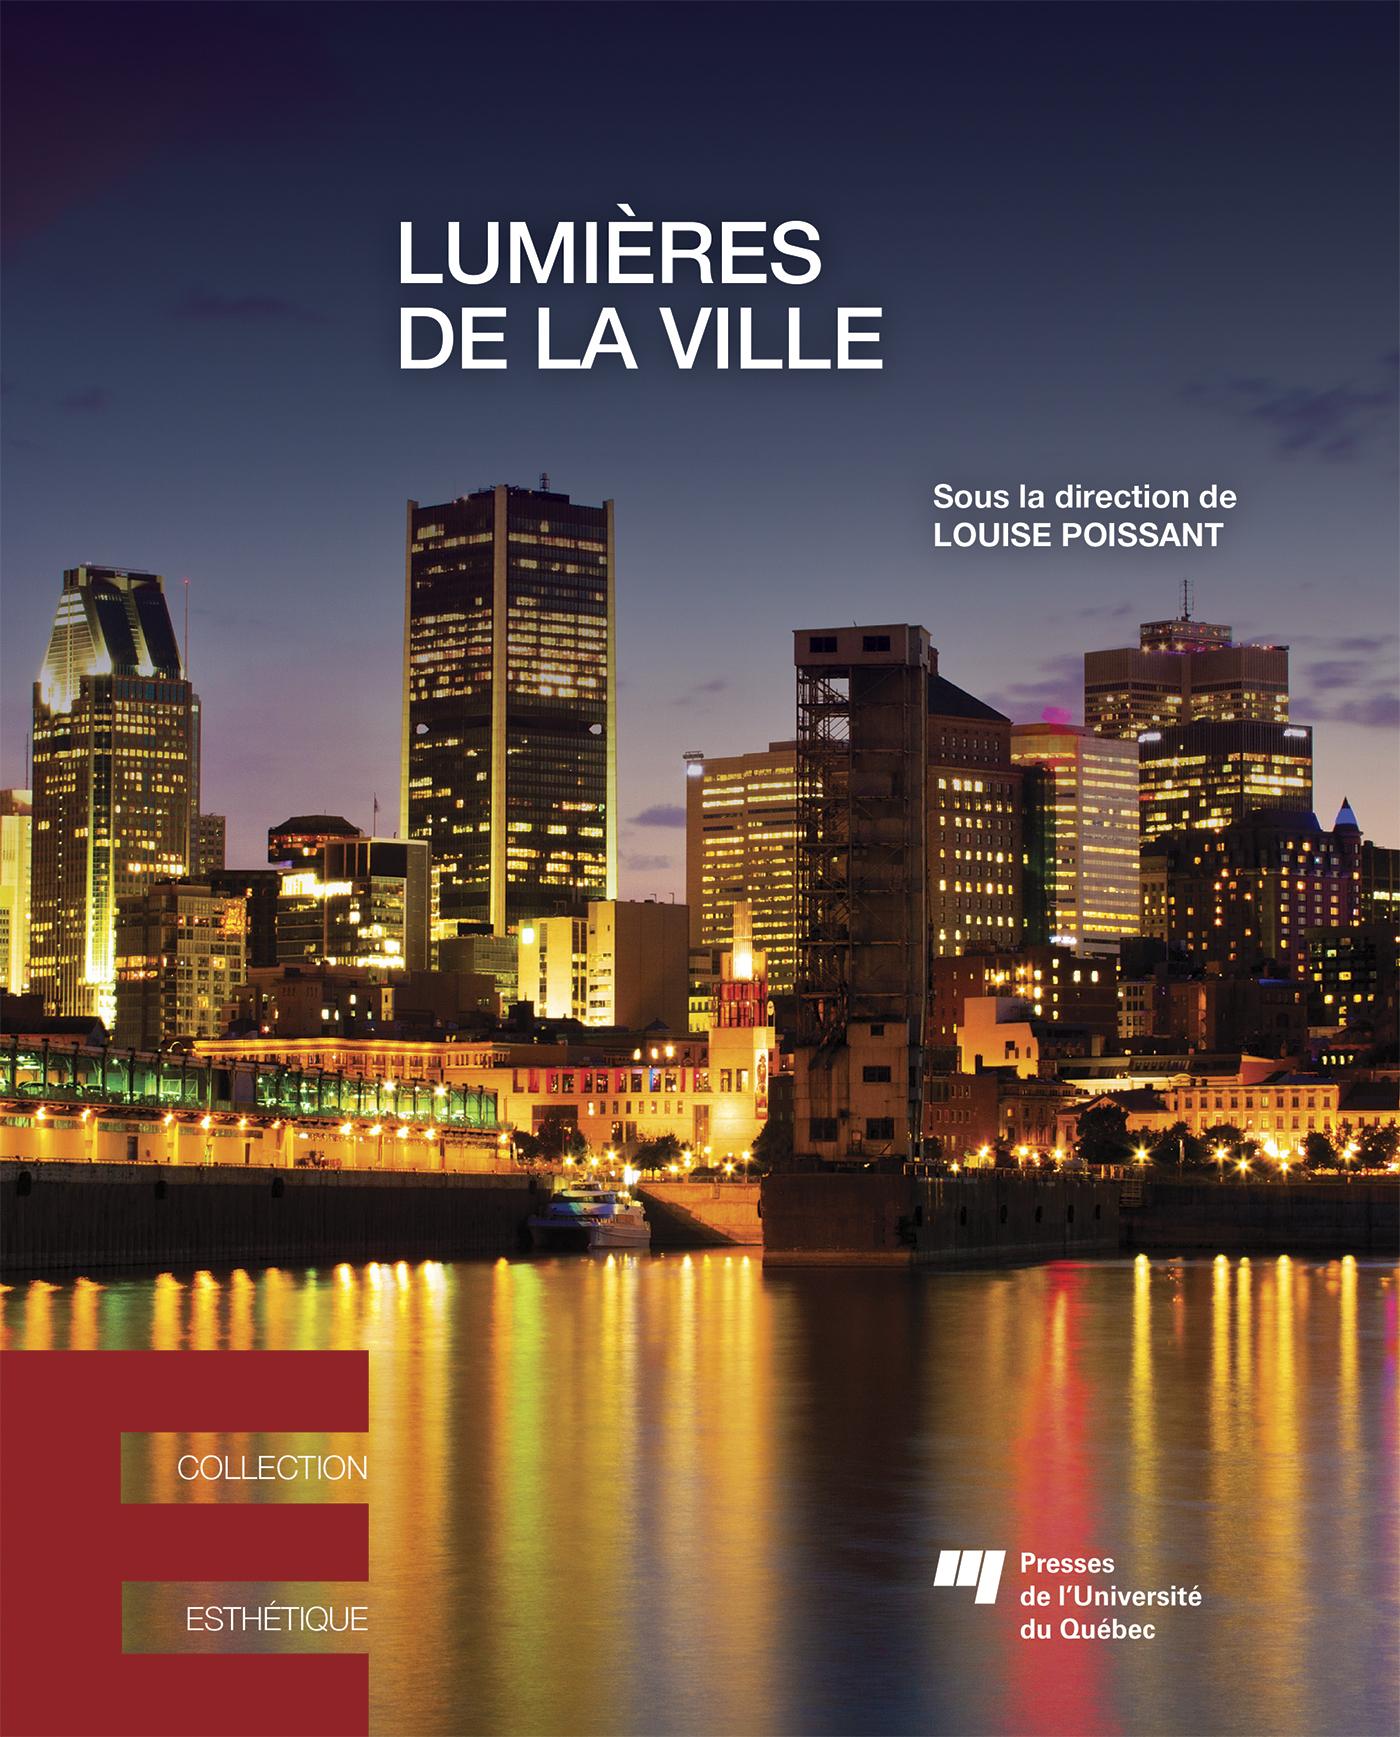 LUMIERES DE LA VILLE